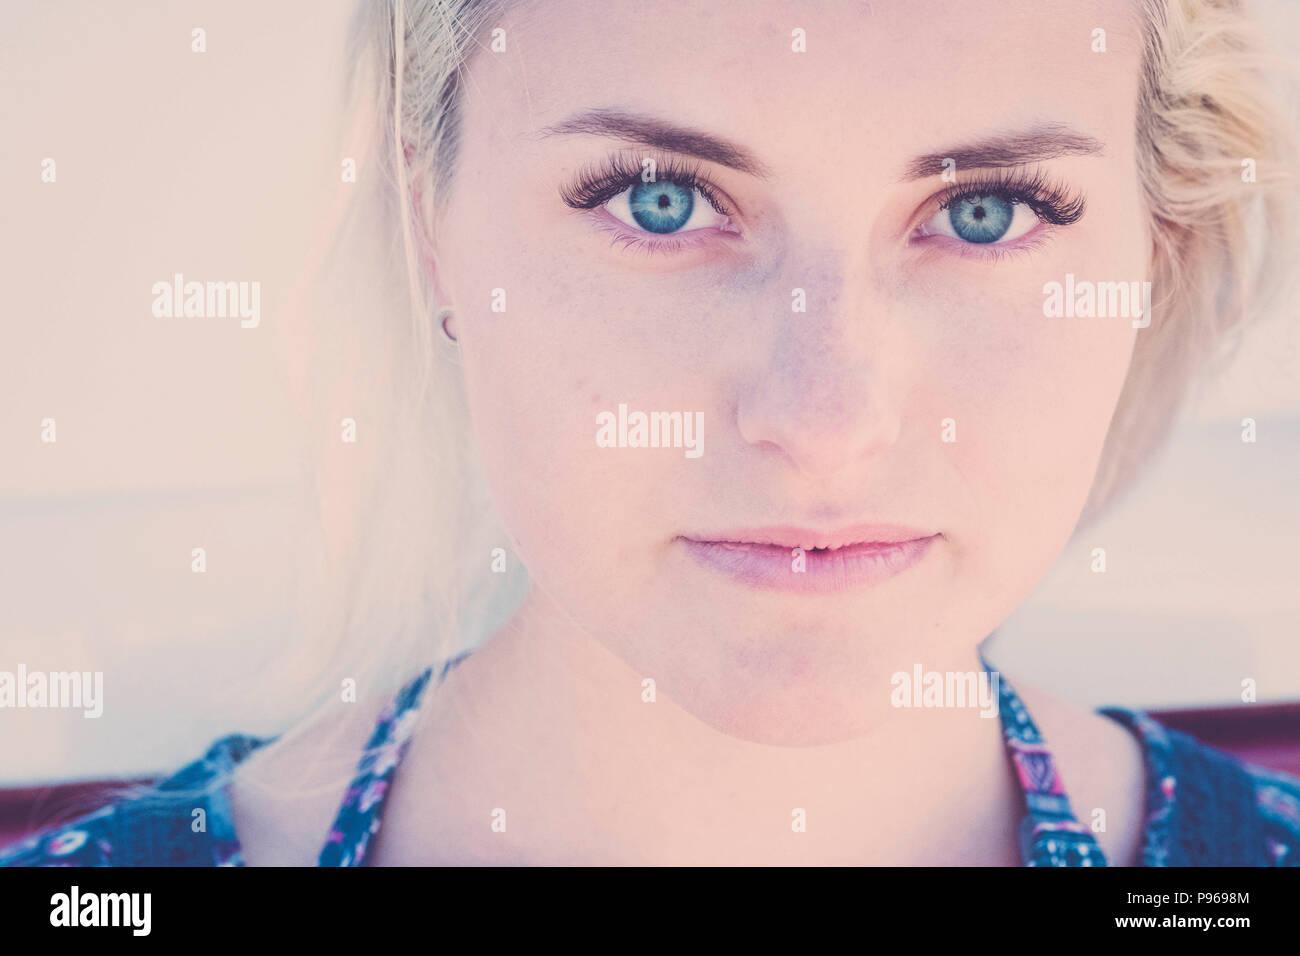 Retrato de desenfoque con foco en los ojos claros de una hermosa chica joven modelo ruso del Cáucaso sentarse y mirar a usted en la cámara. sonrisa relajarse Imagen De Stock